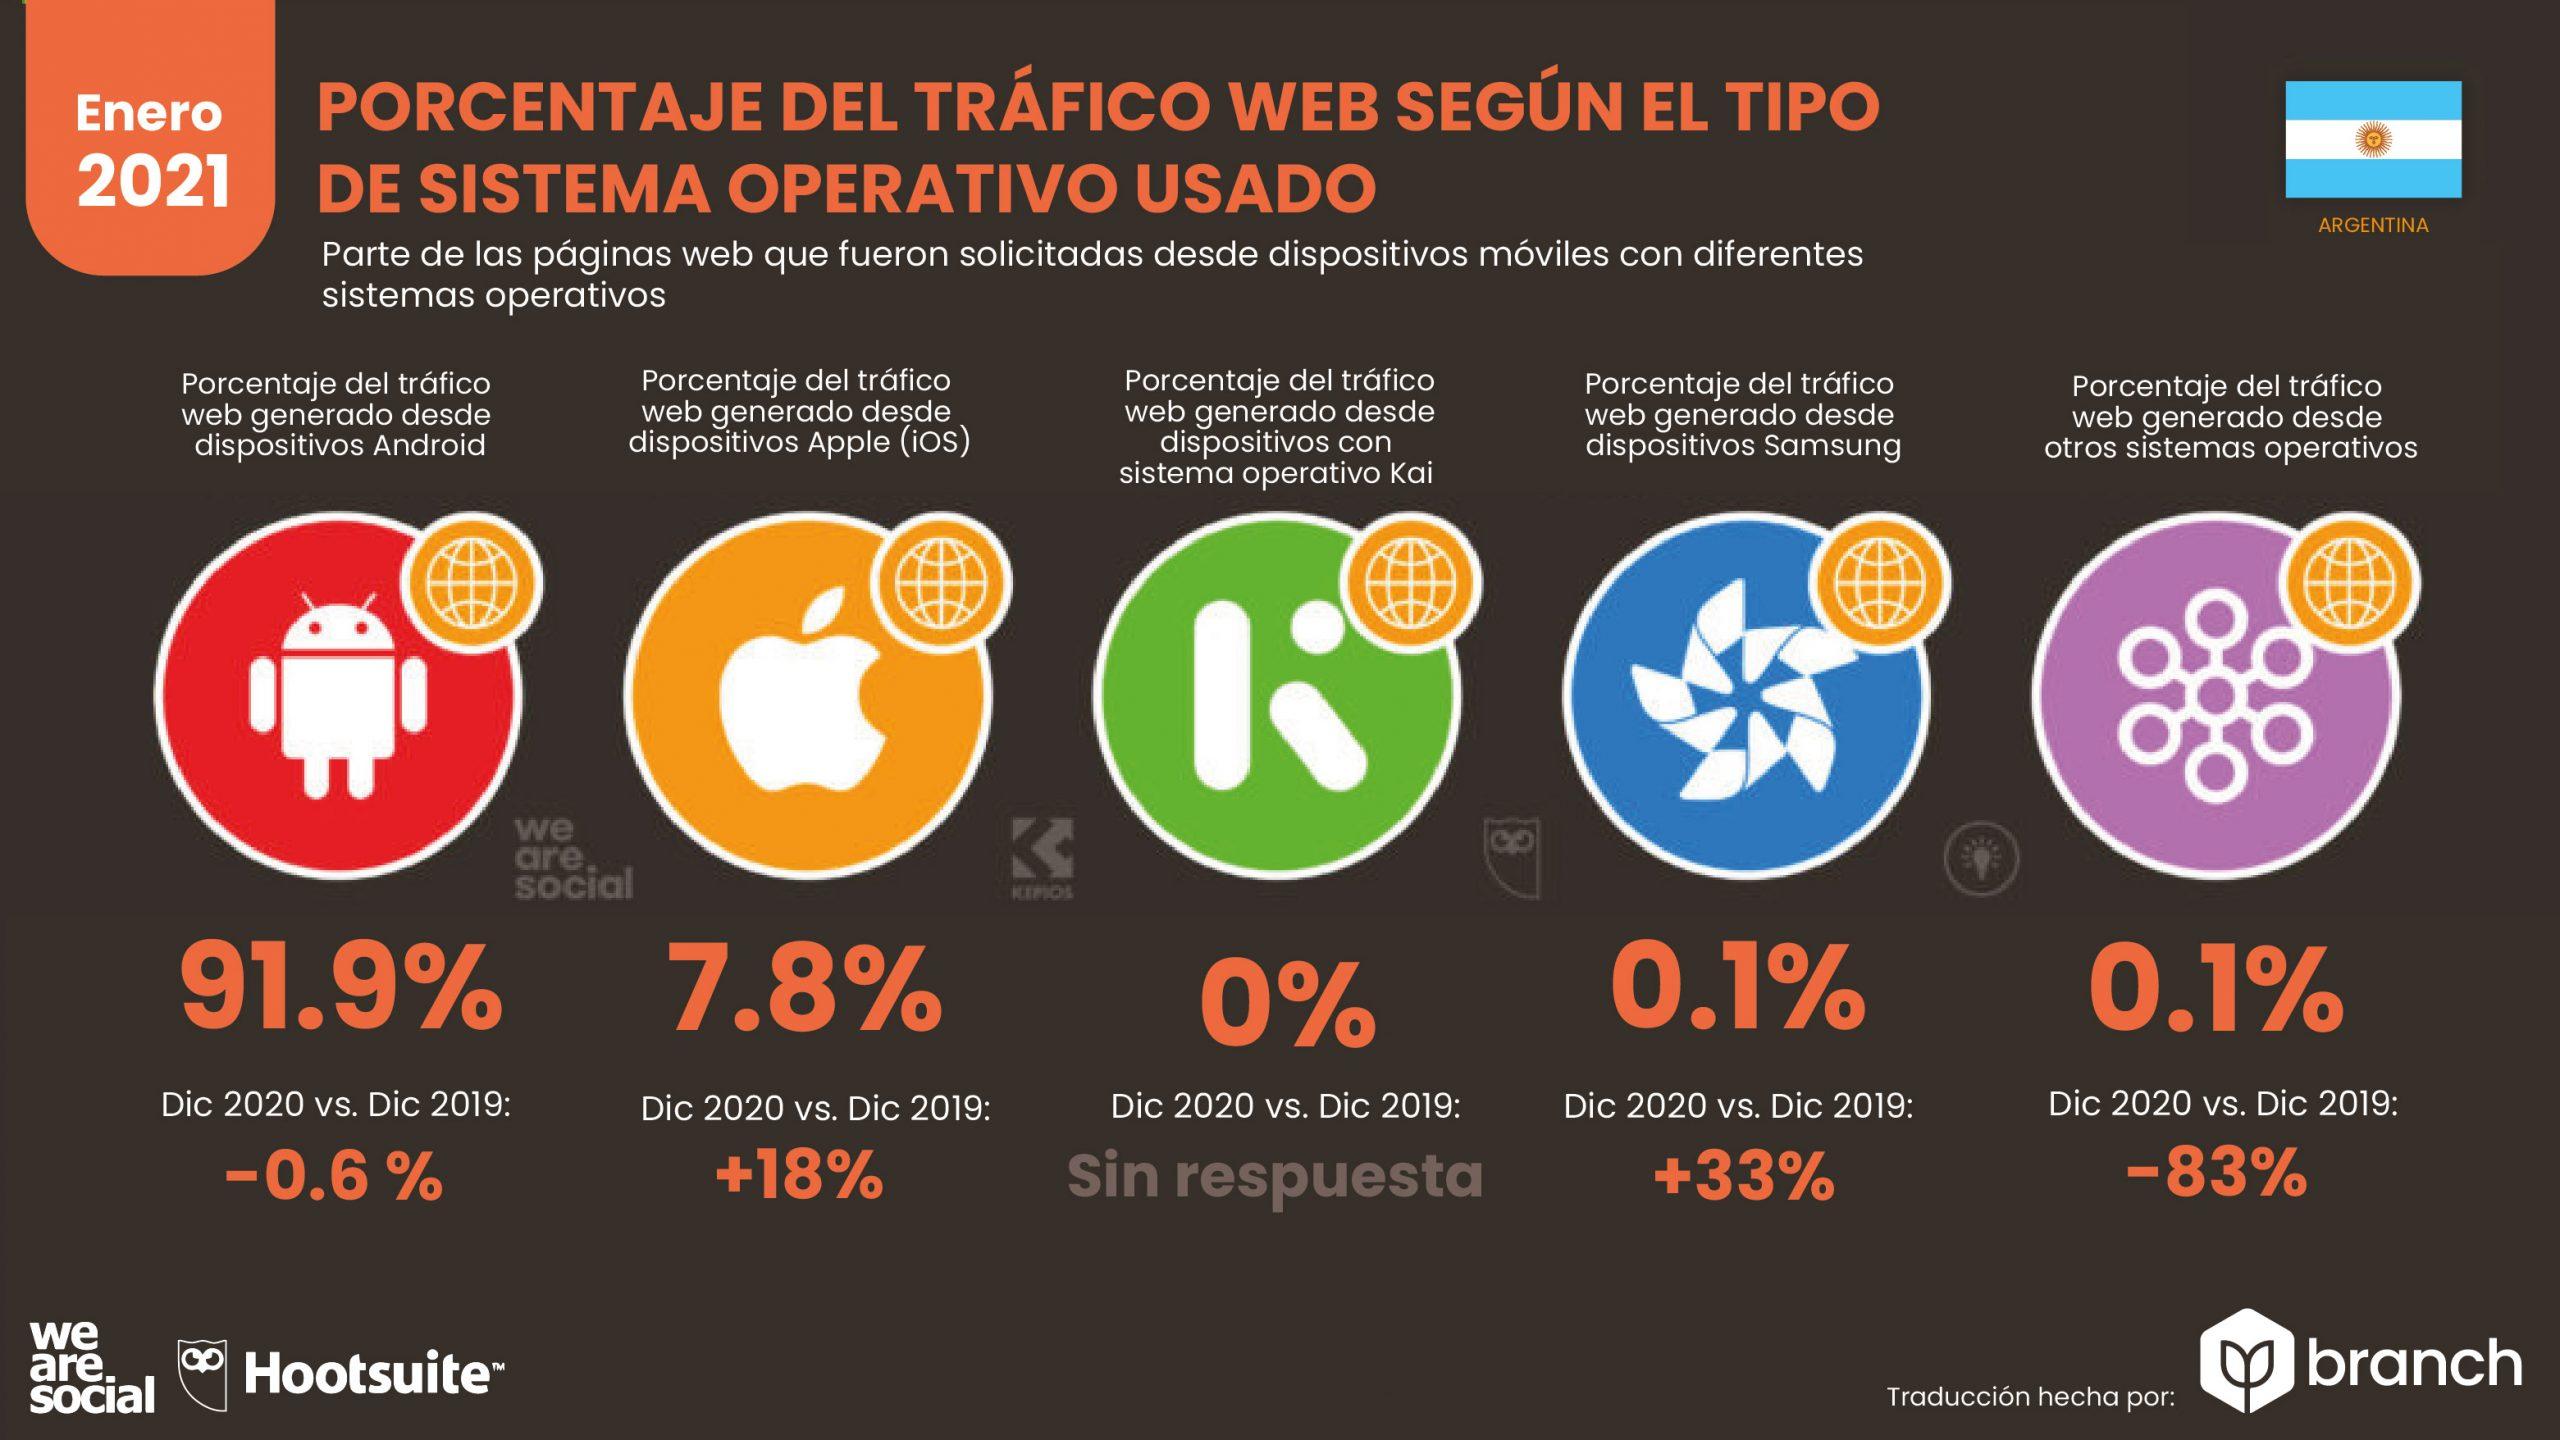 grafico-trafico-web-por-sistema-operativo-argentina-2020-2021